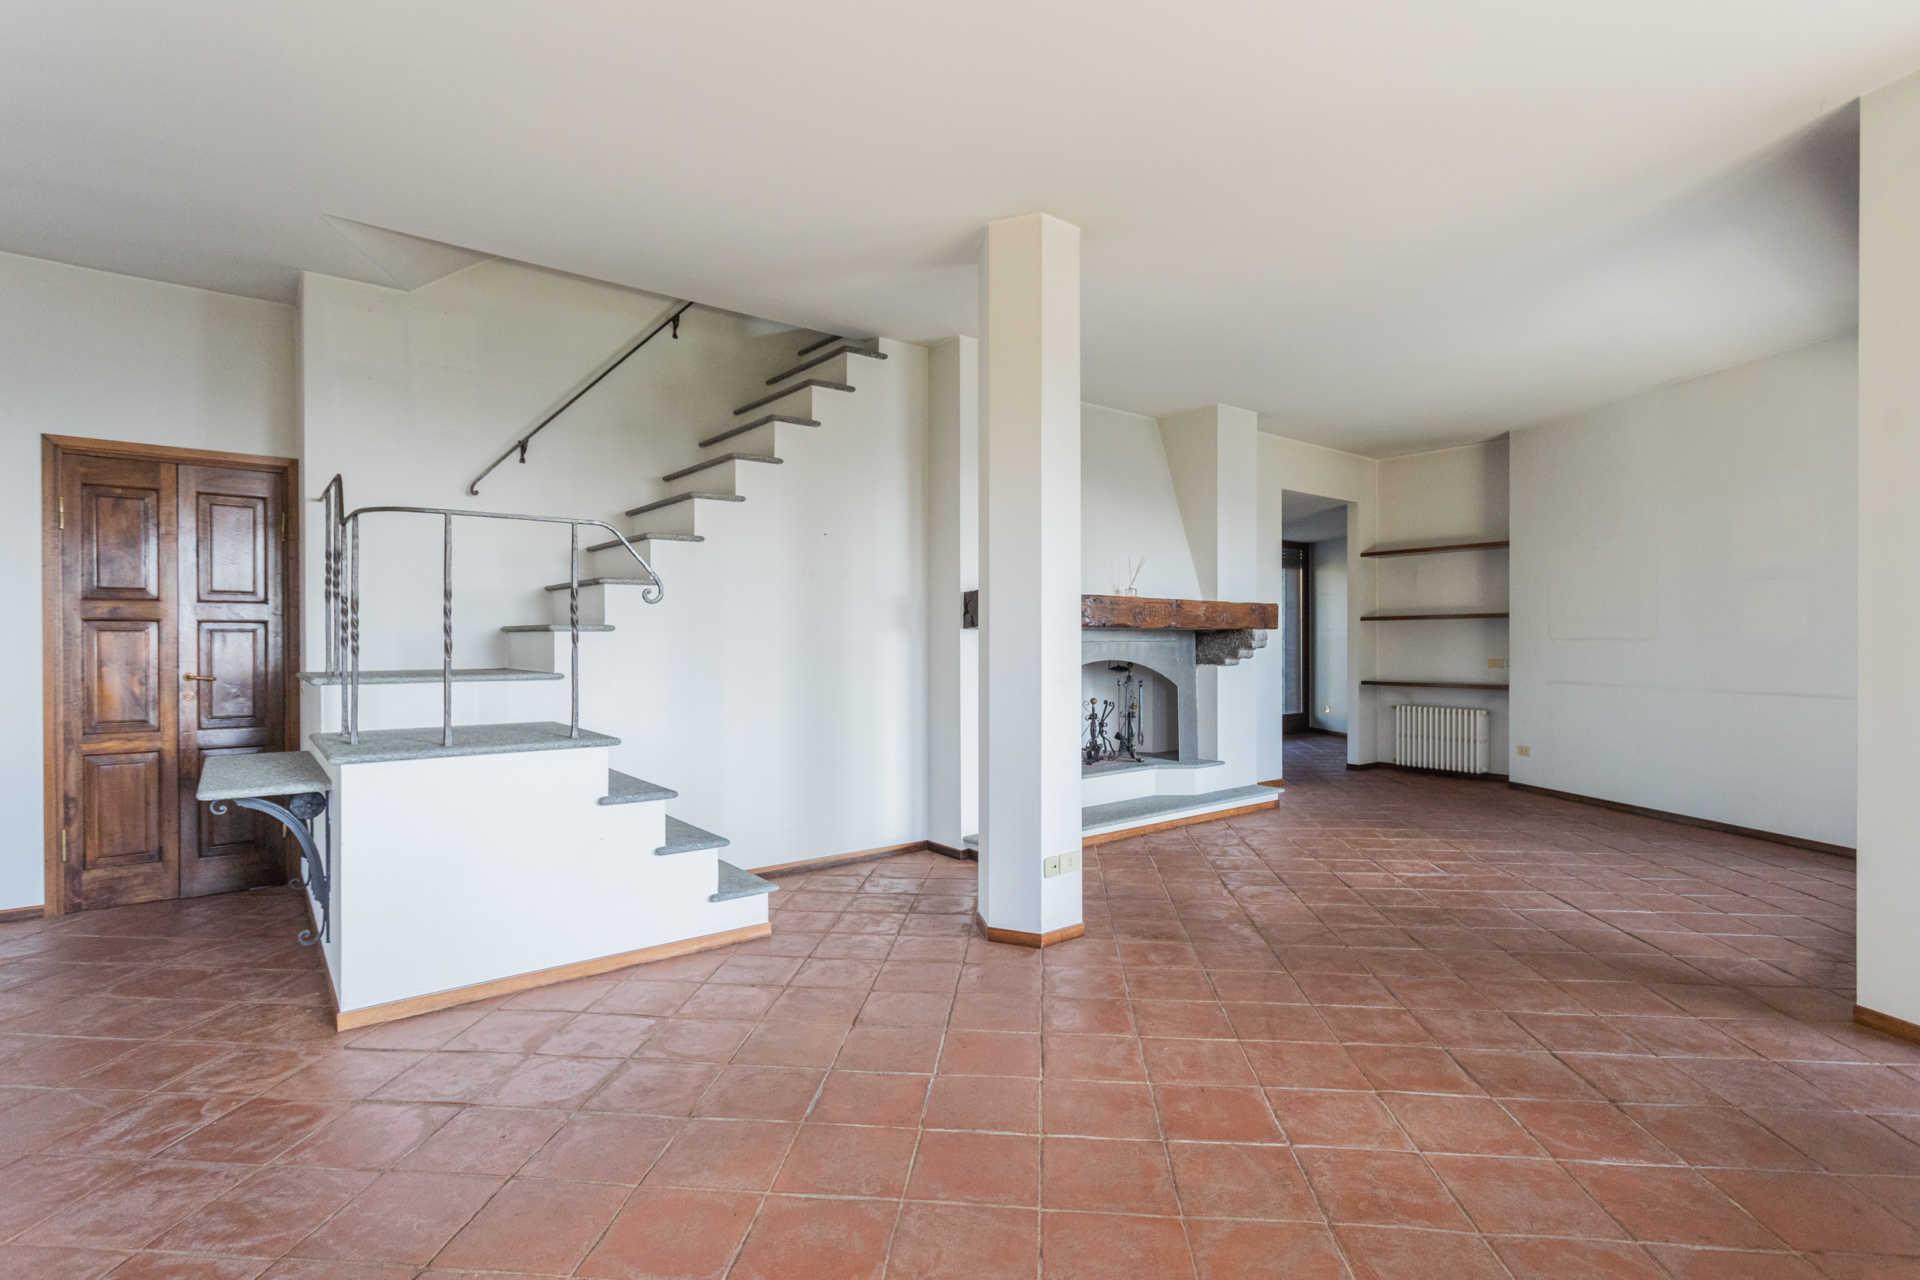 Villa-singola-Carate-Brianza-in-vendita (47)